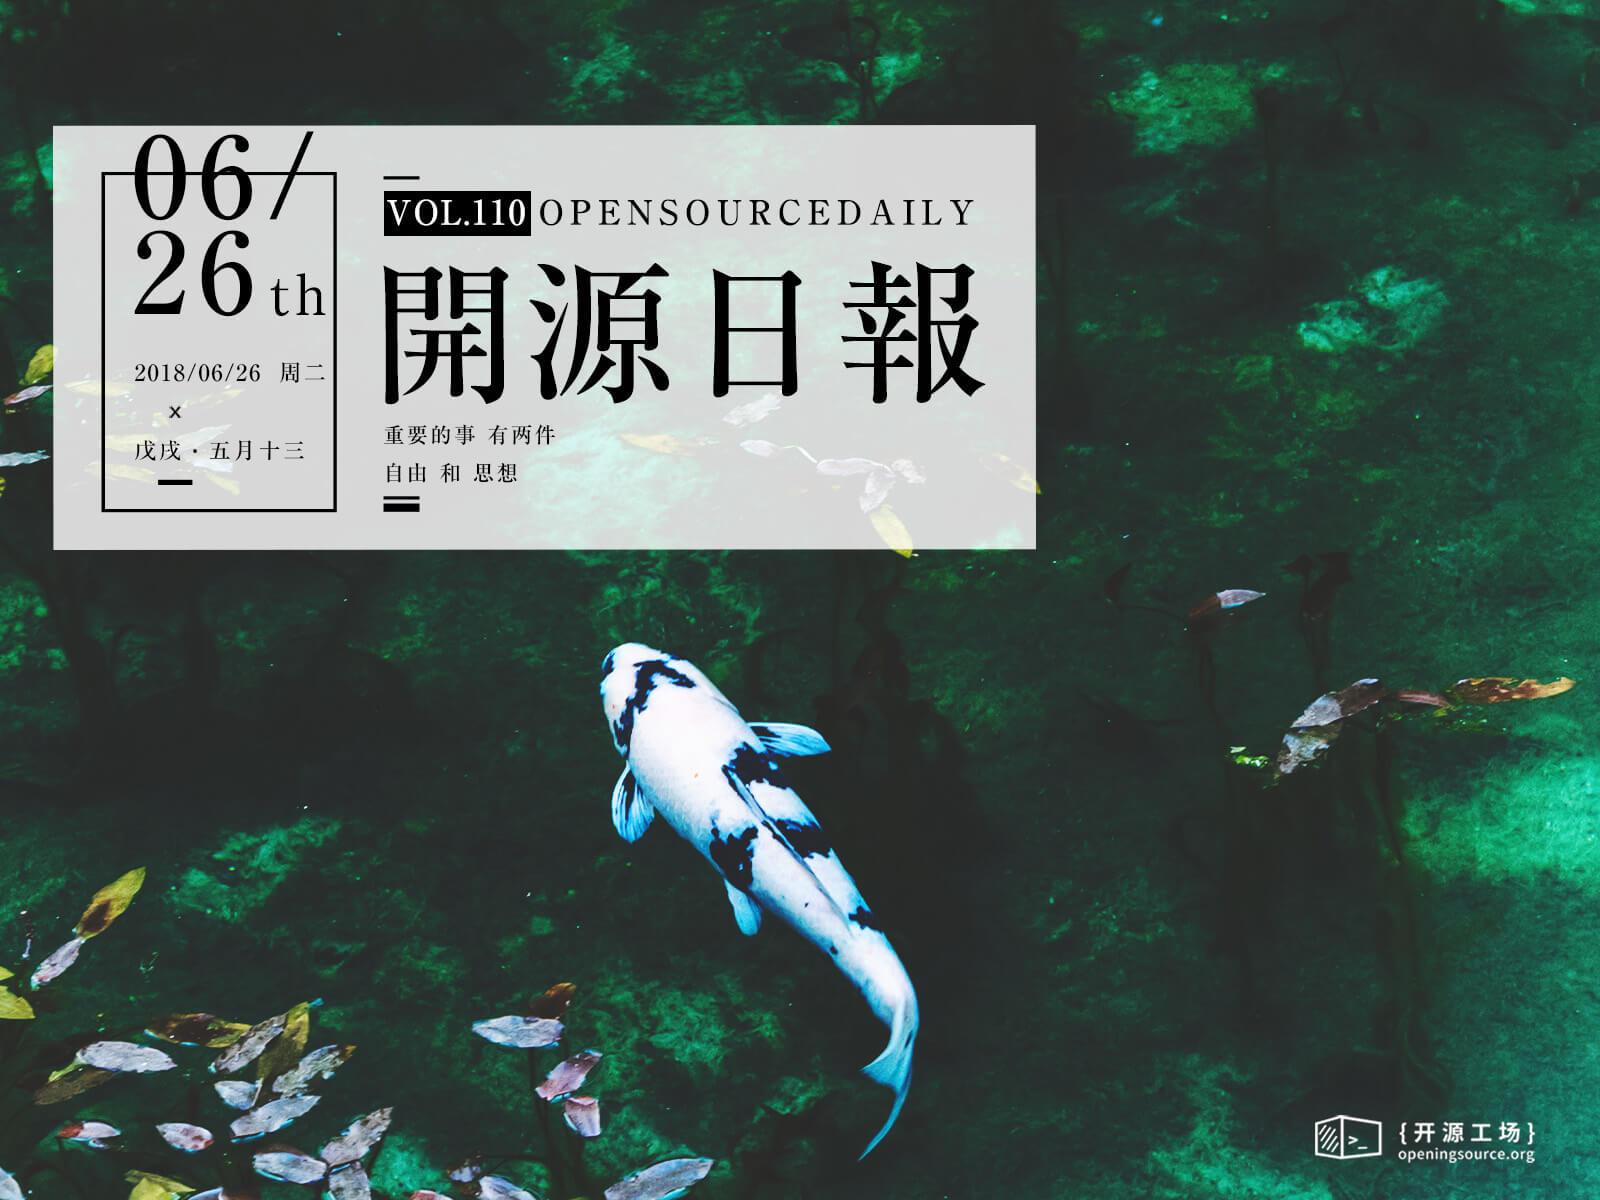 2018年6月26日:开源日报第110期